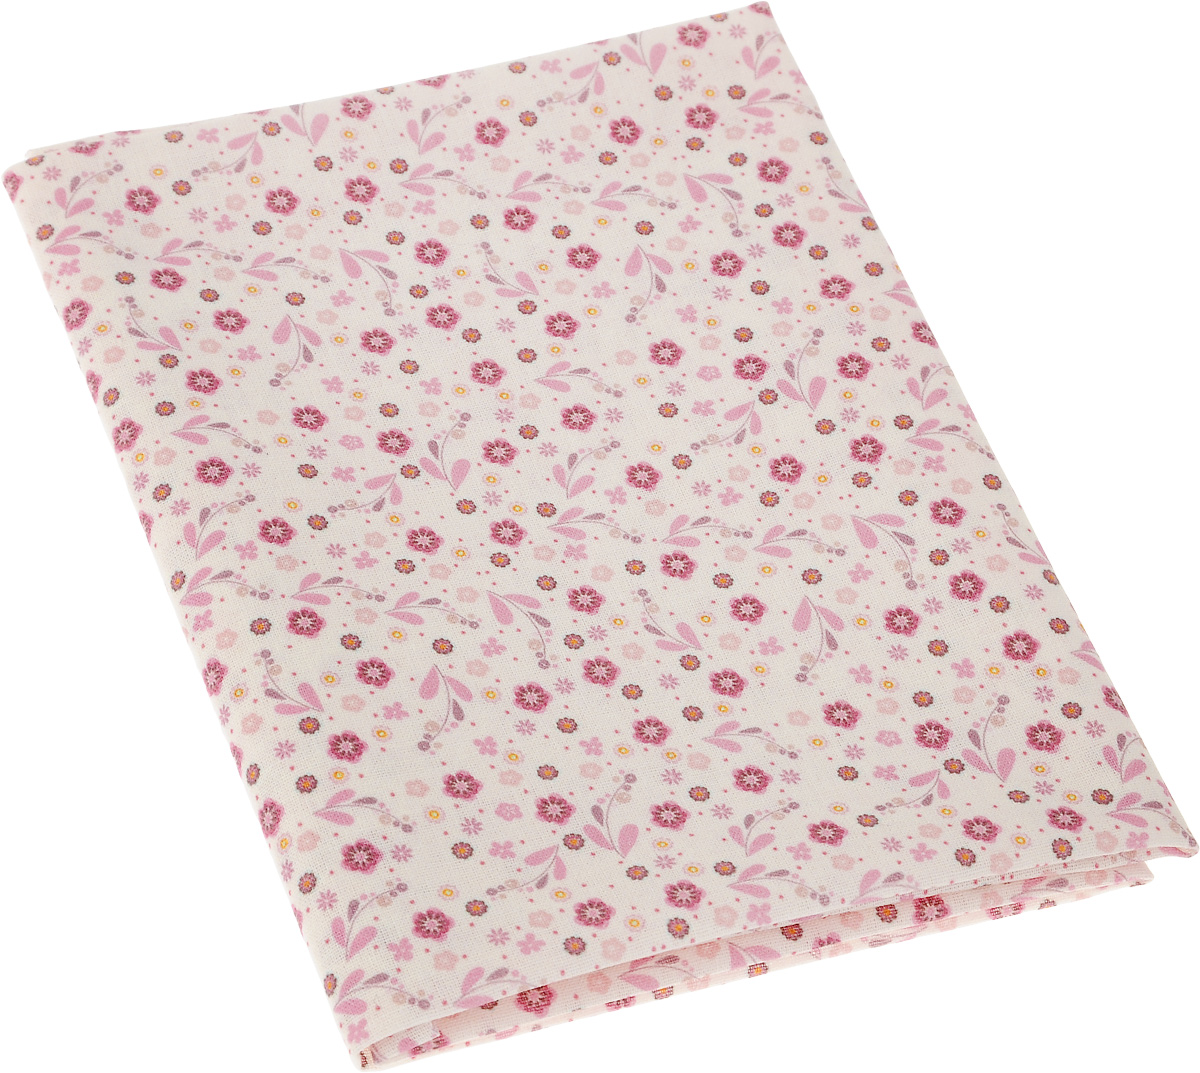 """Ткань Артмикс """"Печворк"""",  изготовленная из 100% хлопка, предназначена для  пошива одеял, покрывал, сумок, аппликаций и  прочих изделий в технике пэчворк. Также подходит  для пошива кукол,  аксессуаров и одежды.   Пэчворк - это вид рукоделия, при котором по  принципу мозаики сшивается  цельное изделие из кусочков ткани (лоскутков).   Плотность ткани: 120 г/м2.  УВАЖАЕМЫЕ КЛИЕНТЫ! Обращаем ваше внимание, на тот факт, что размер  отреза может отличаться на 1-2 см."""